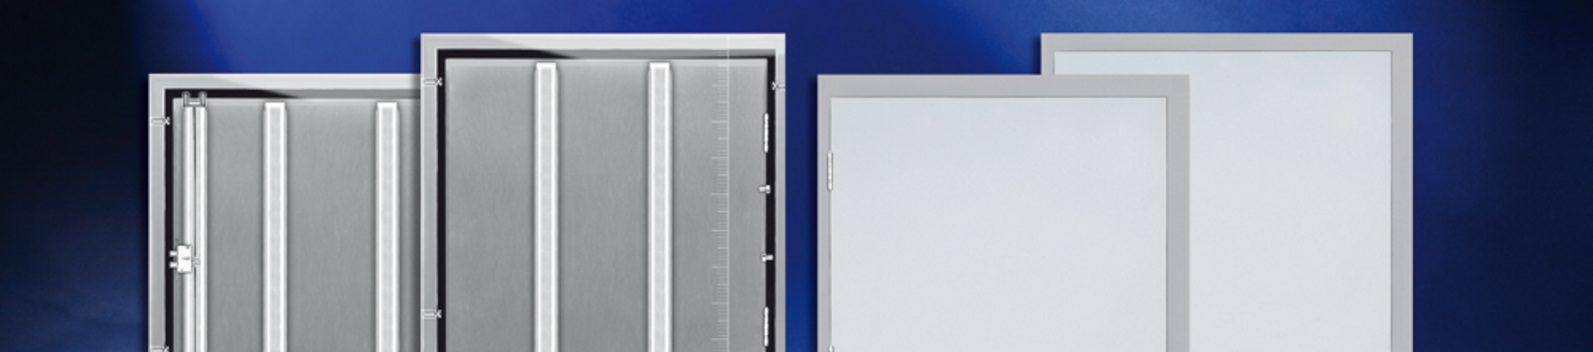 Secure steel exit doors Accessories